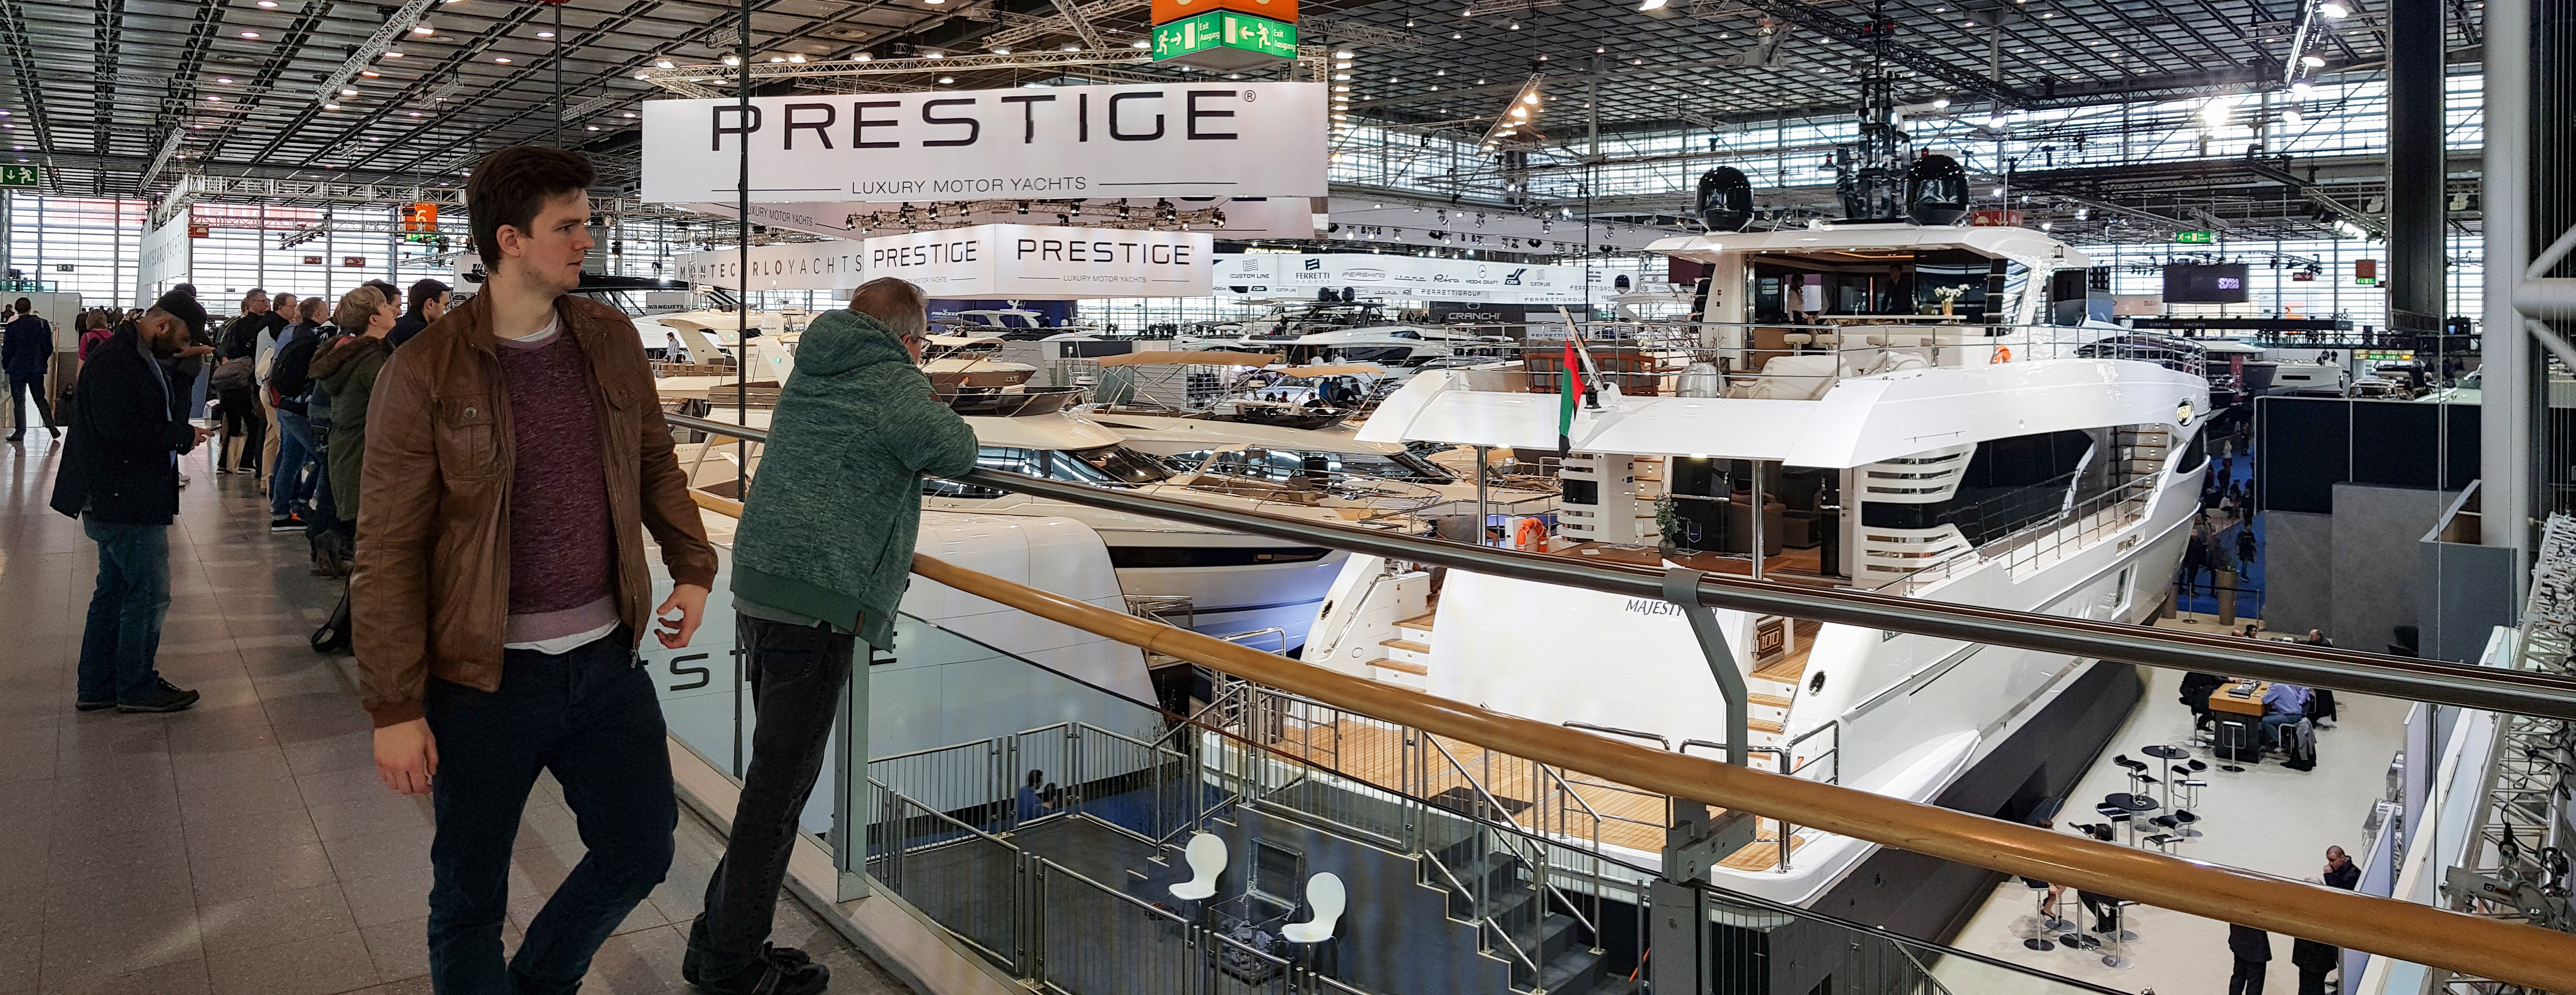 Gulf Craft at Boot Dusseldorf 2018 Day 7 (12)